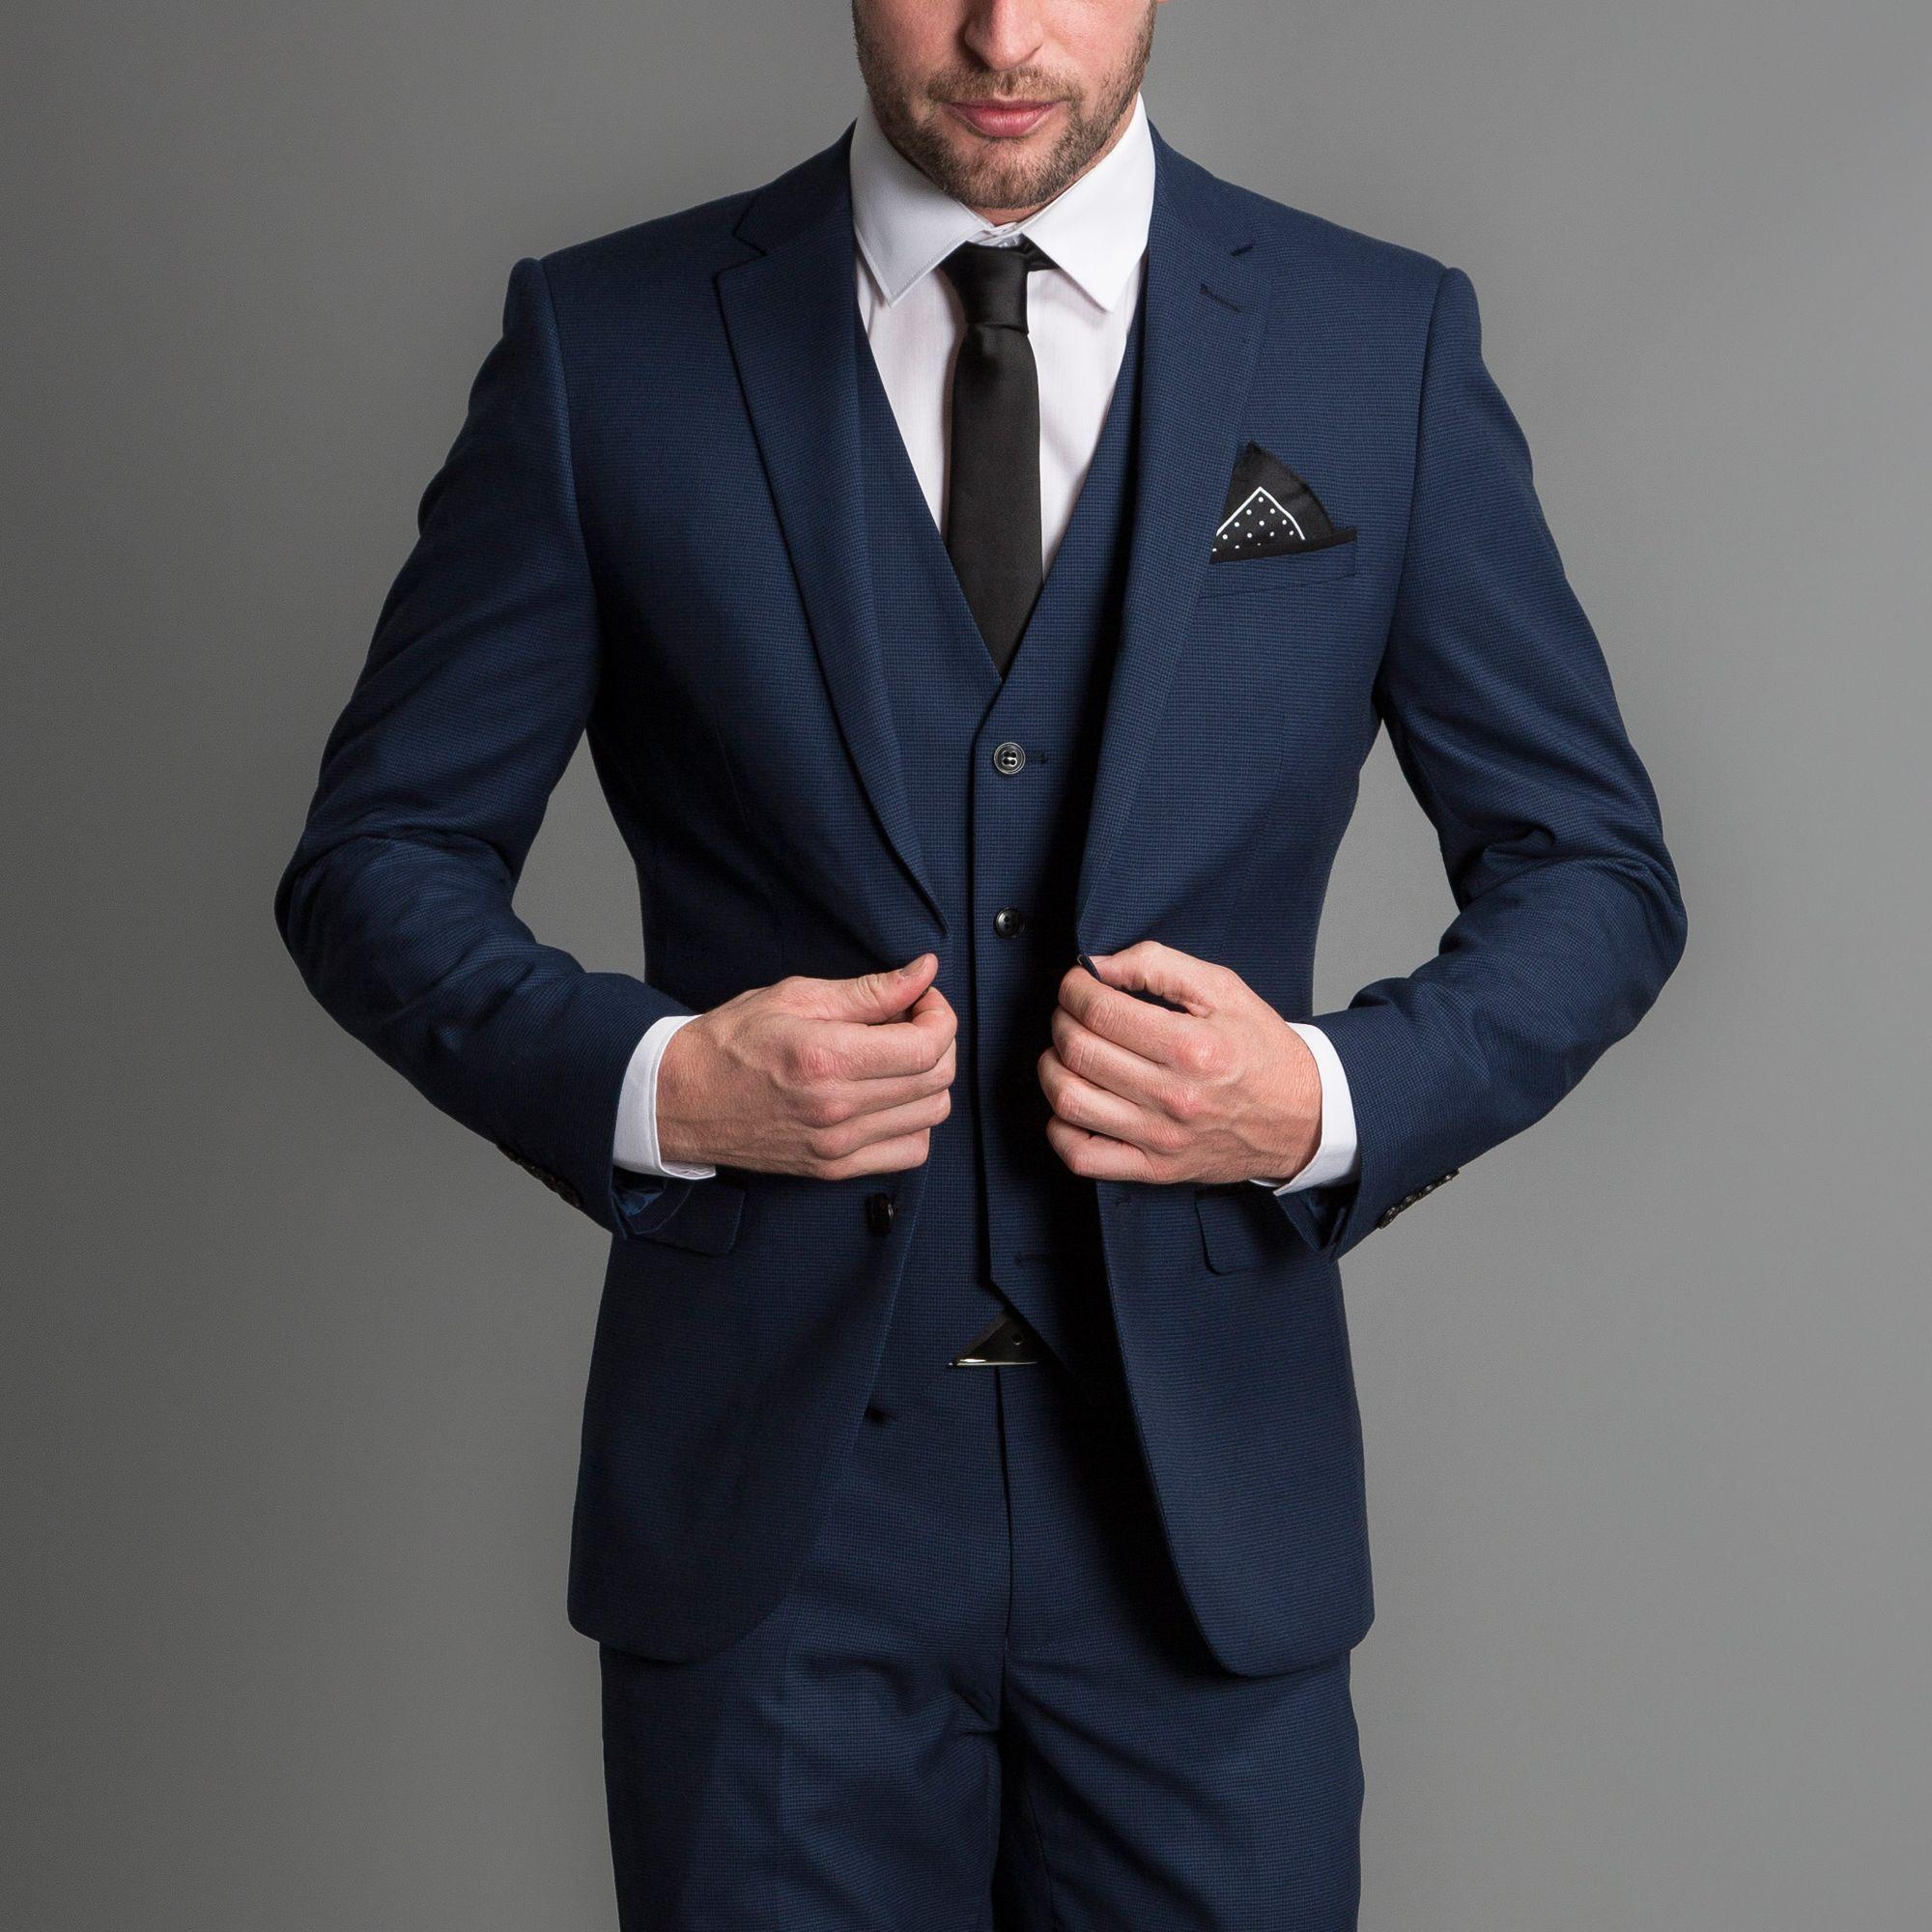 5 tips for the fashionless man wedding suit pinterest hochzeitsanzug anzug hochzeit und. Black Bedroom Furniture Sets. Home Design Ideas